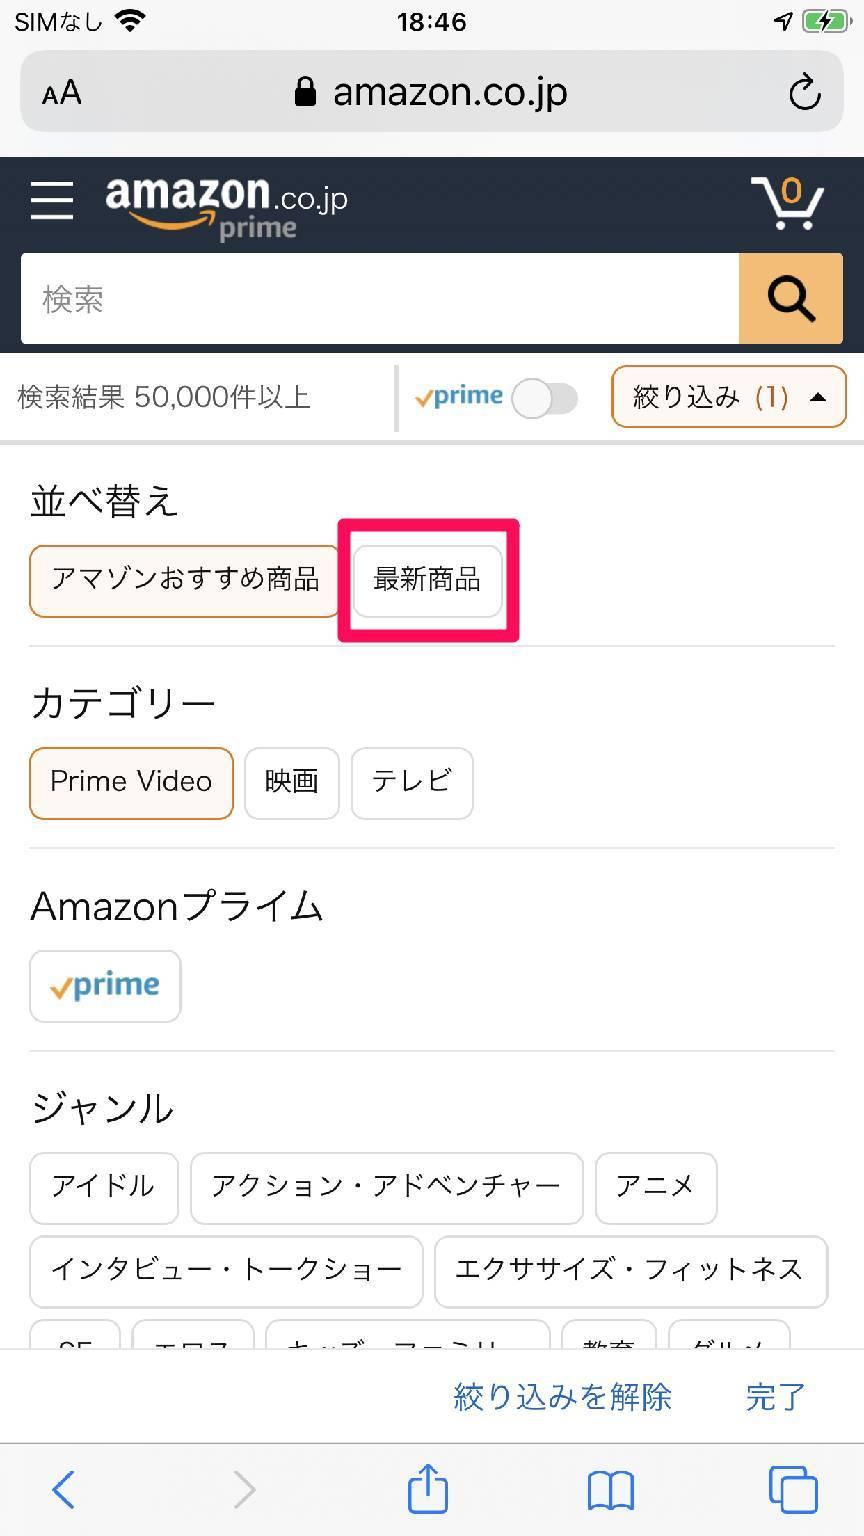 『Amazon プライム・ビデオ』Web版 絞り込み画面